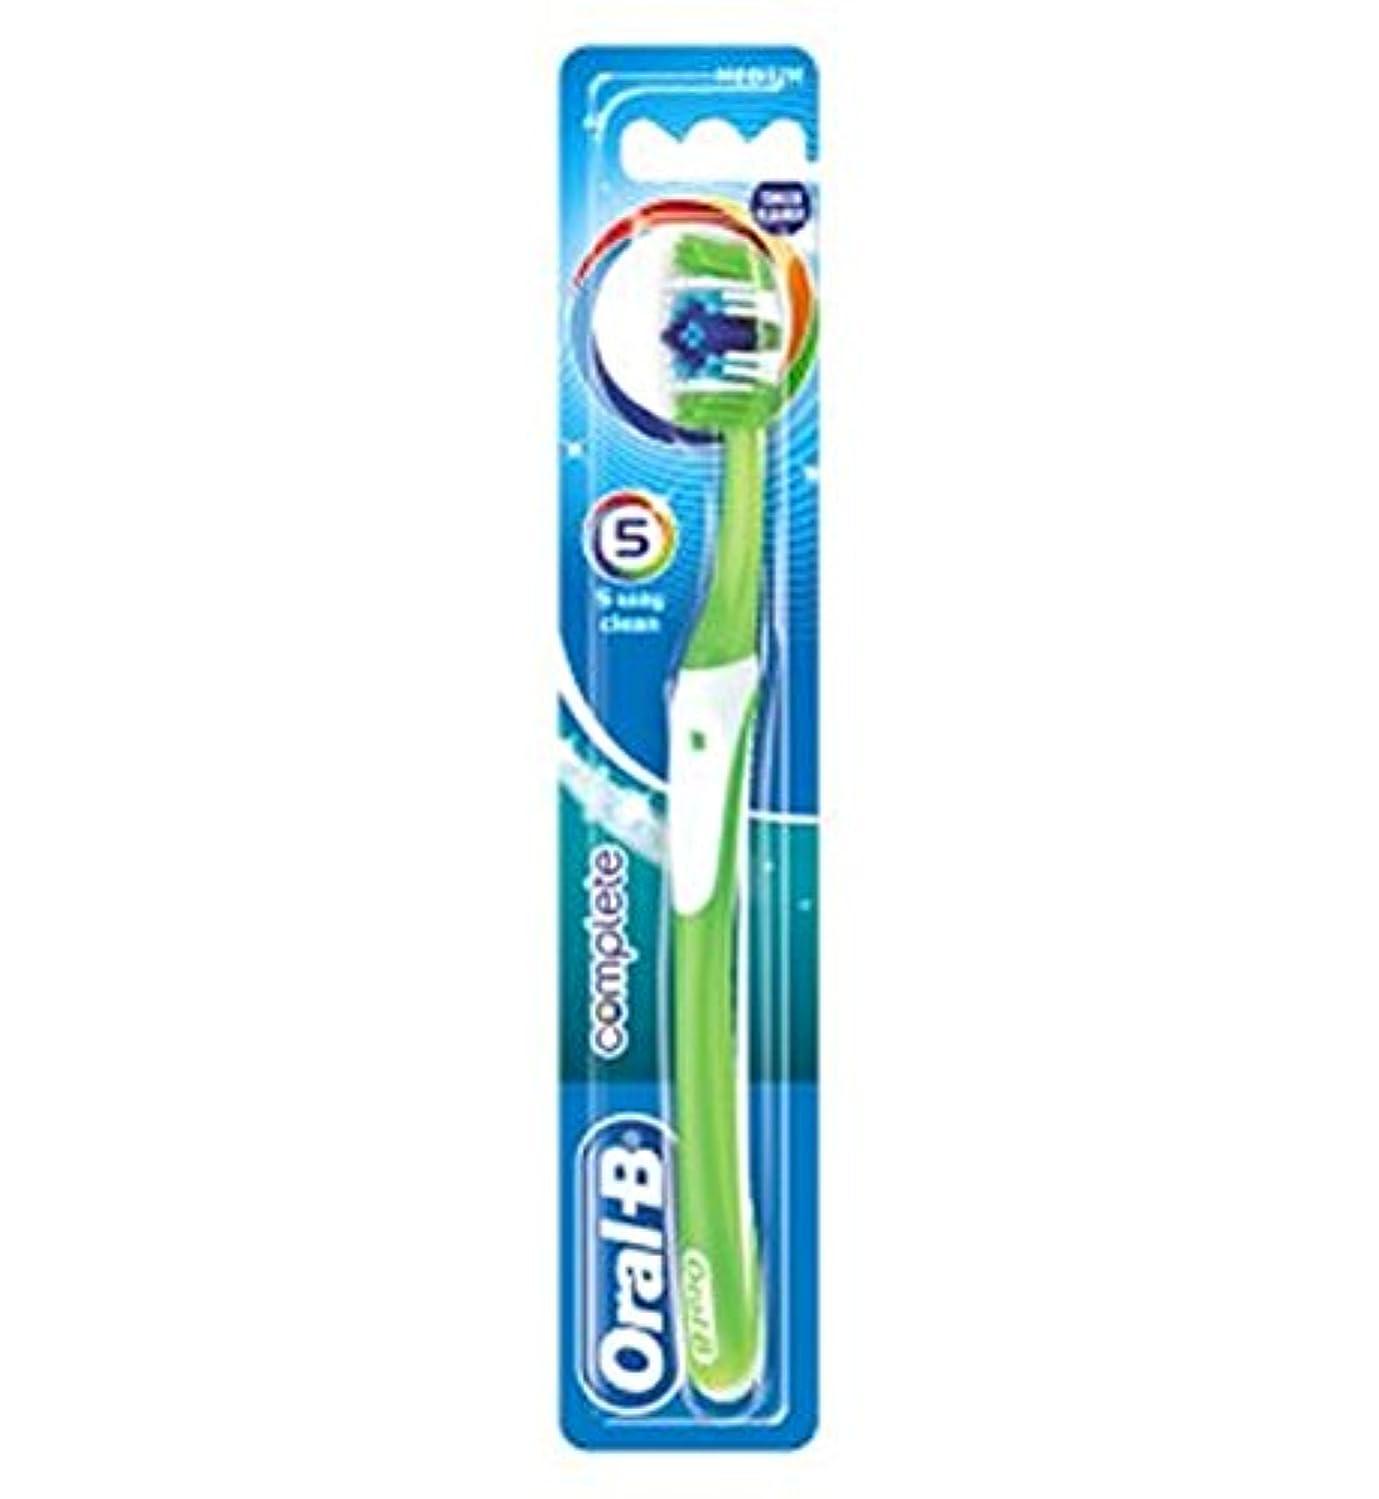 真っ逆さま蜜結婚Oral-B Complete 5 Way Clean Medium Manual Toothbrush - オーラルBの完全な5道クリーンなメディアの手動歯ブラシ (Oral B) [並行輸入品]